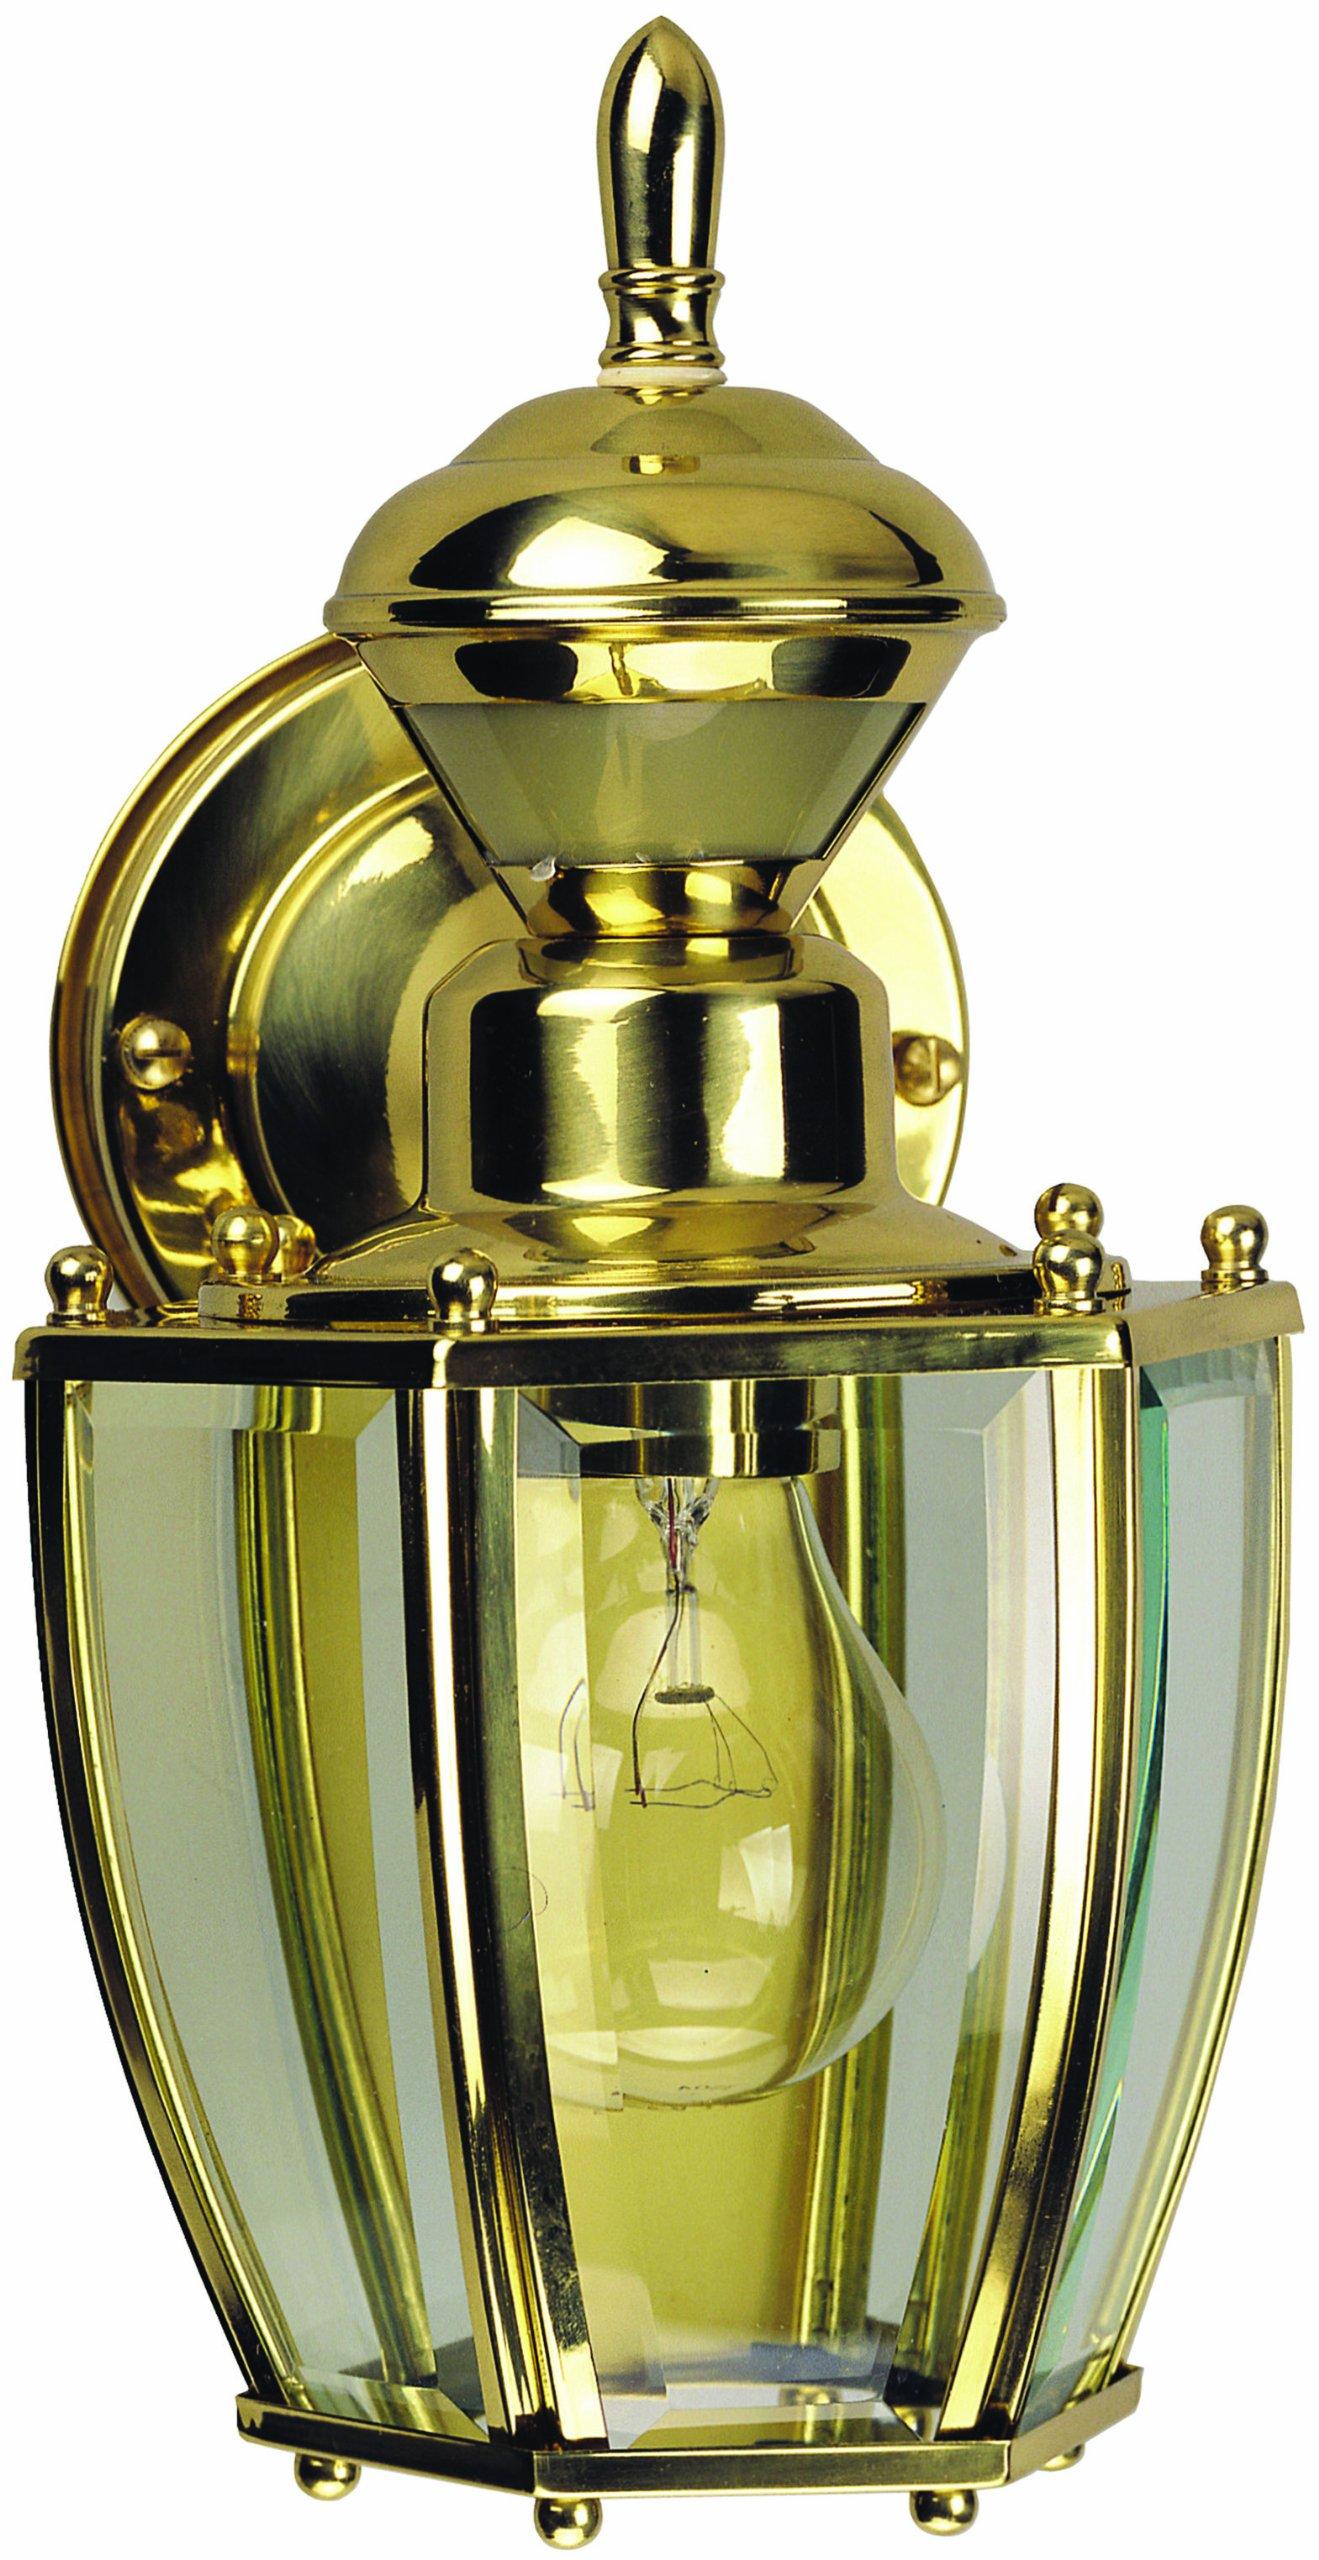 Heath Zenith HZ-4170-PB Motion Activated Decorative Light, 120 Vac, 100 W, 60 Hz, 30 Ft, 150 Deg, Polished Brass by Heath Zenith